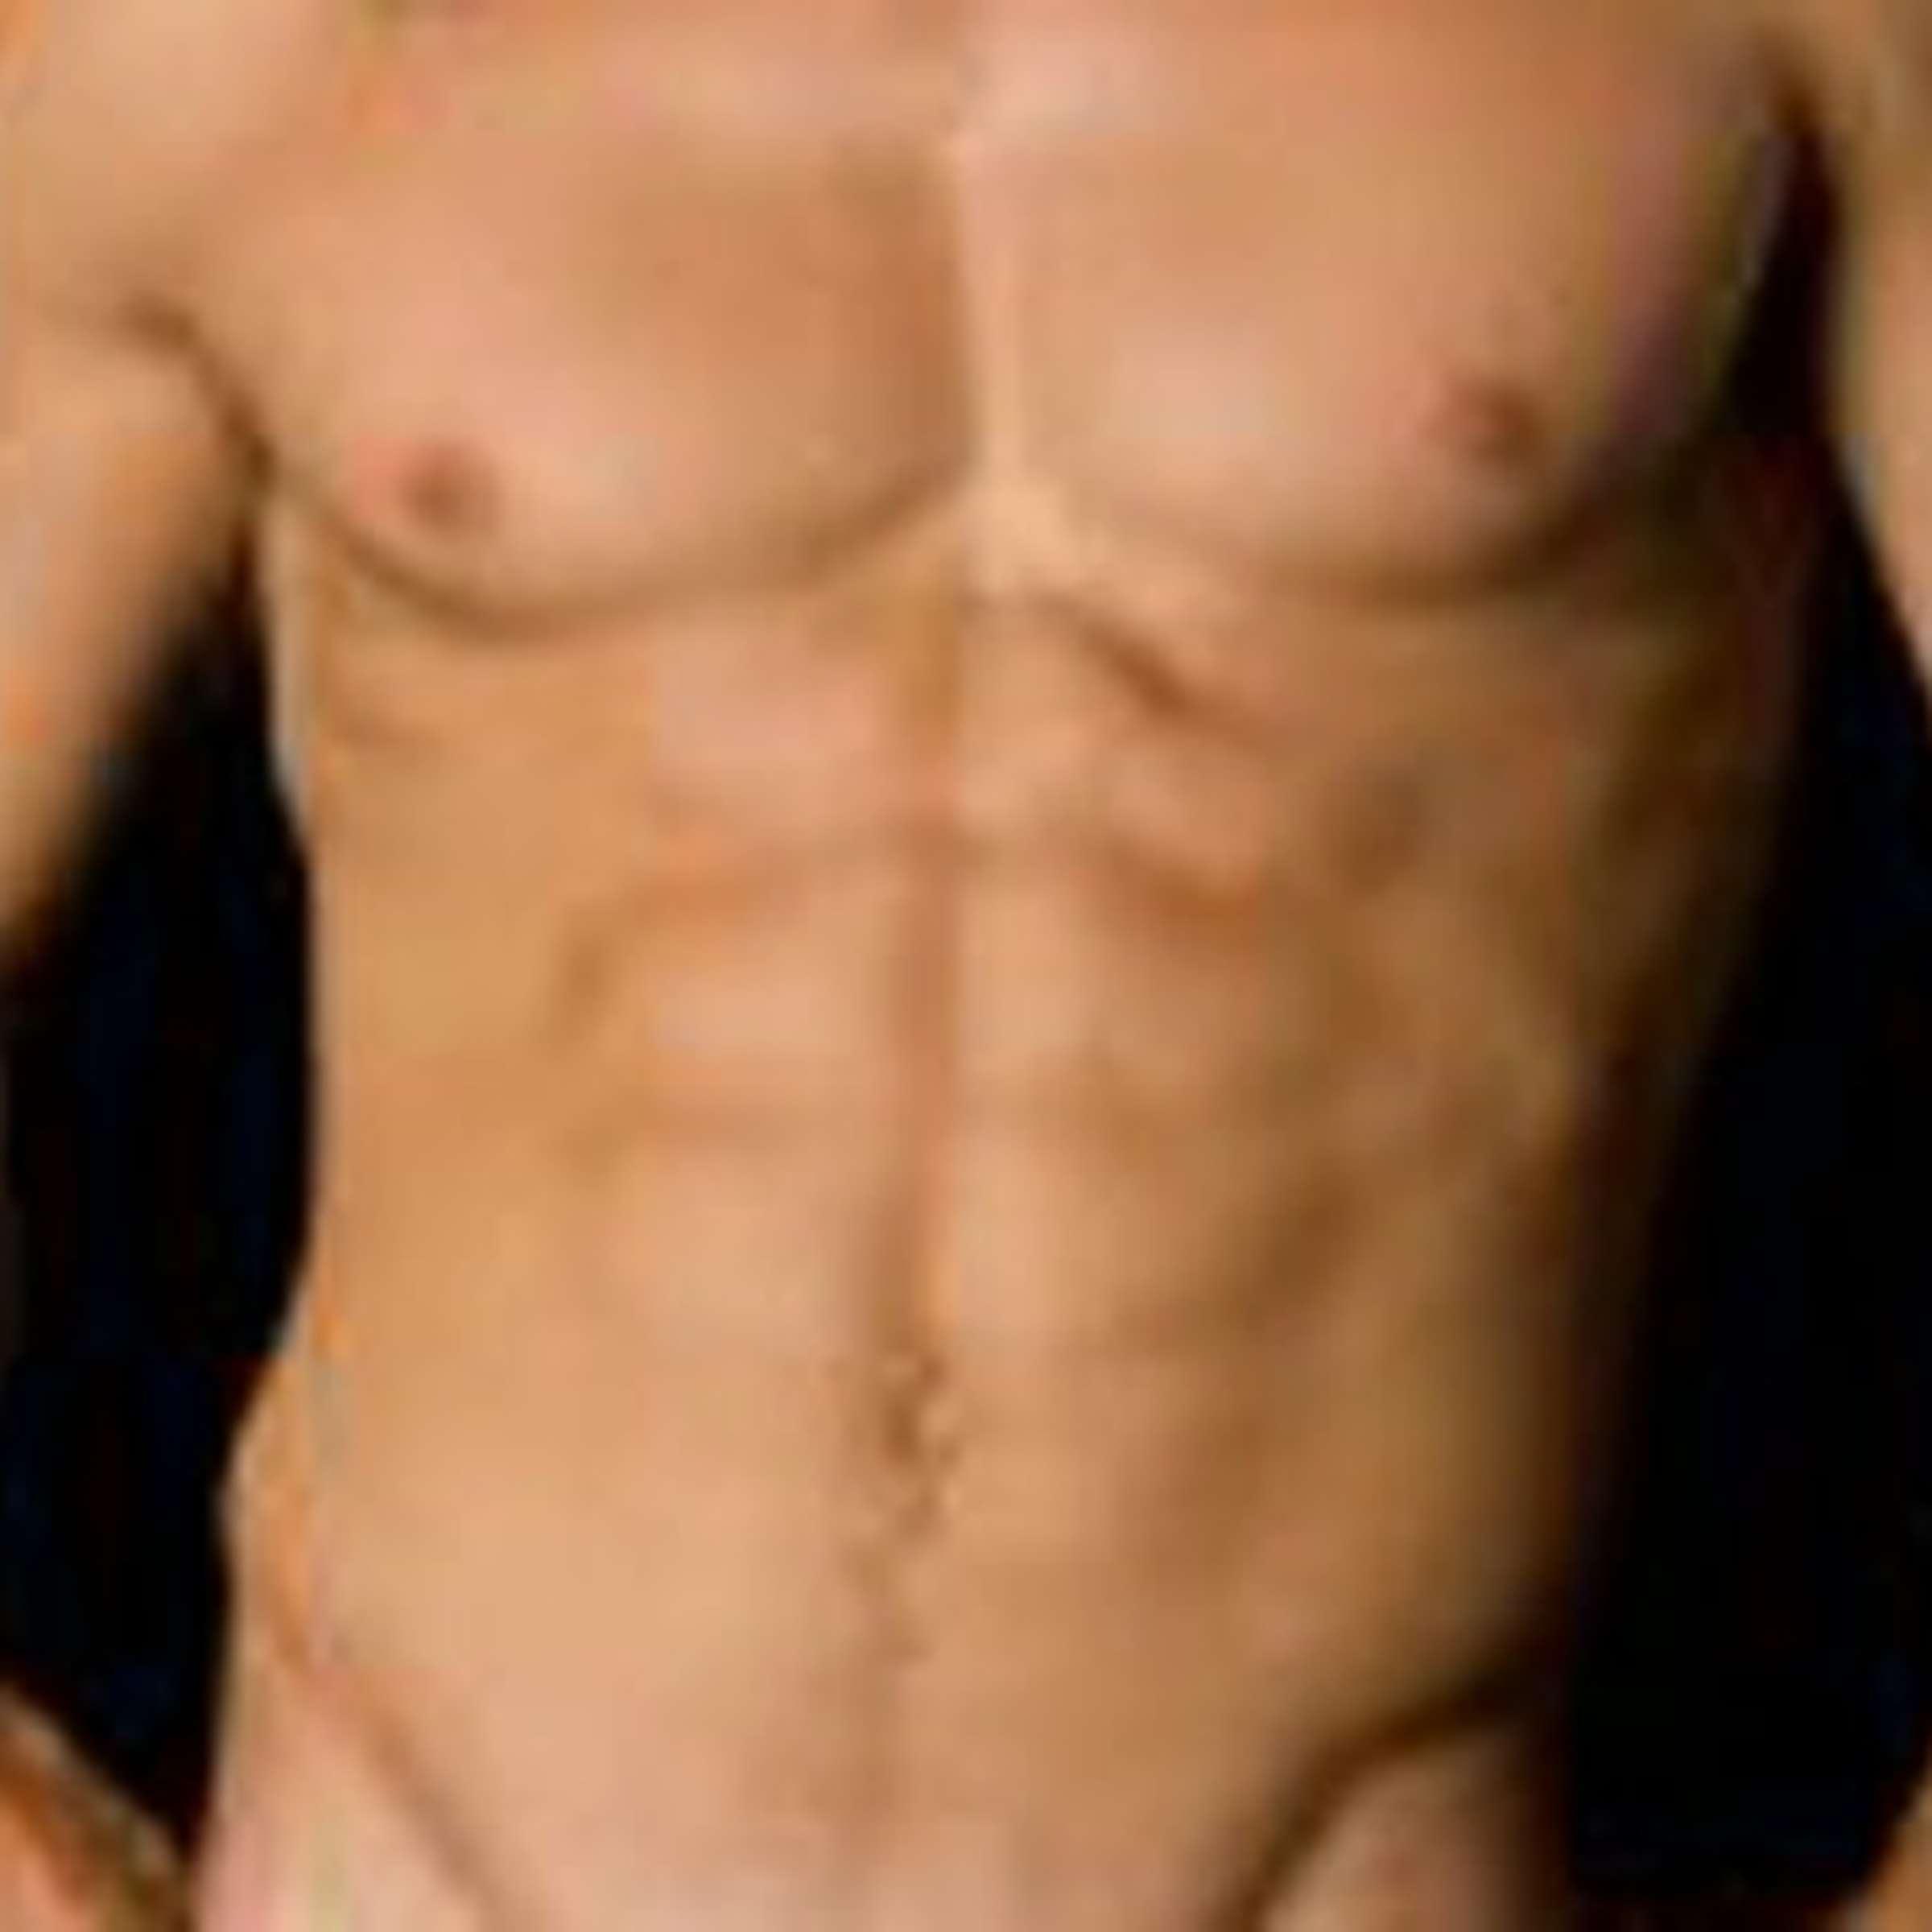 Gewichtsverlust Juckreiz